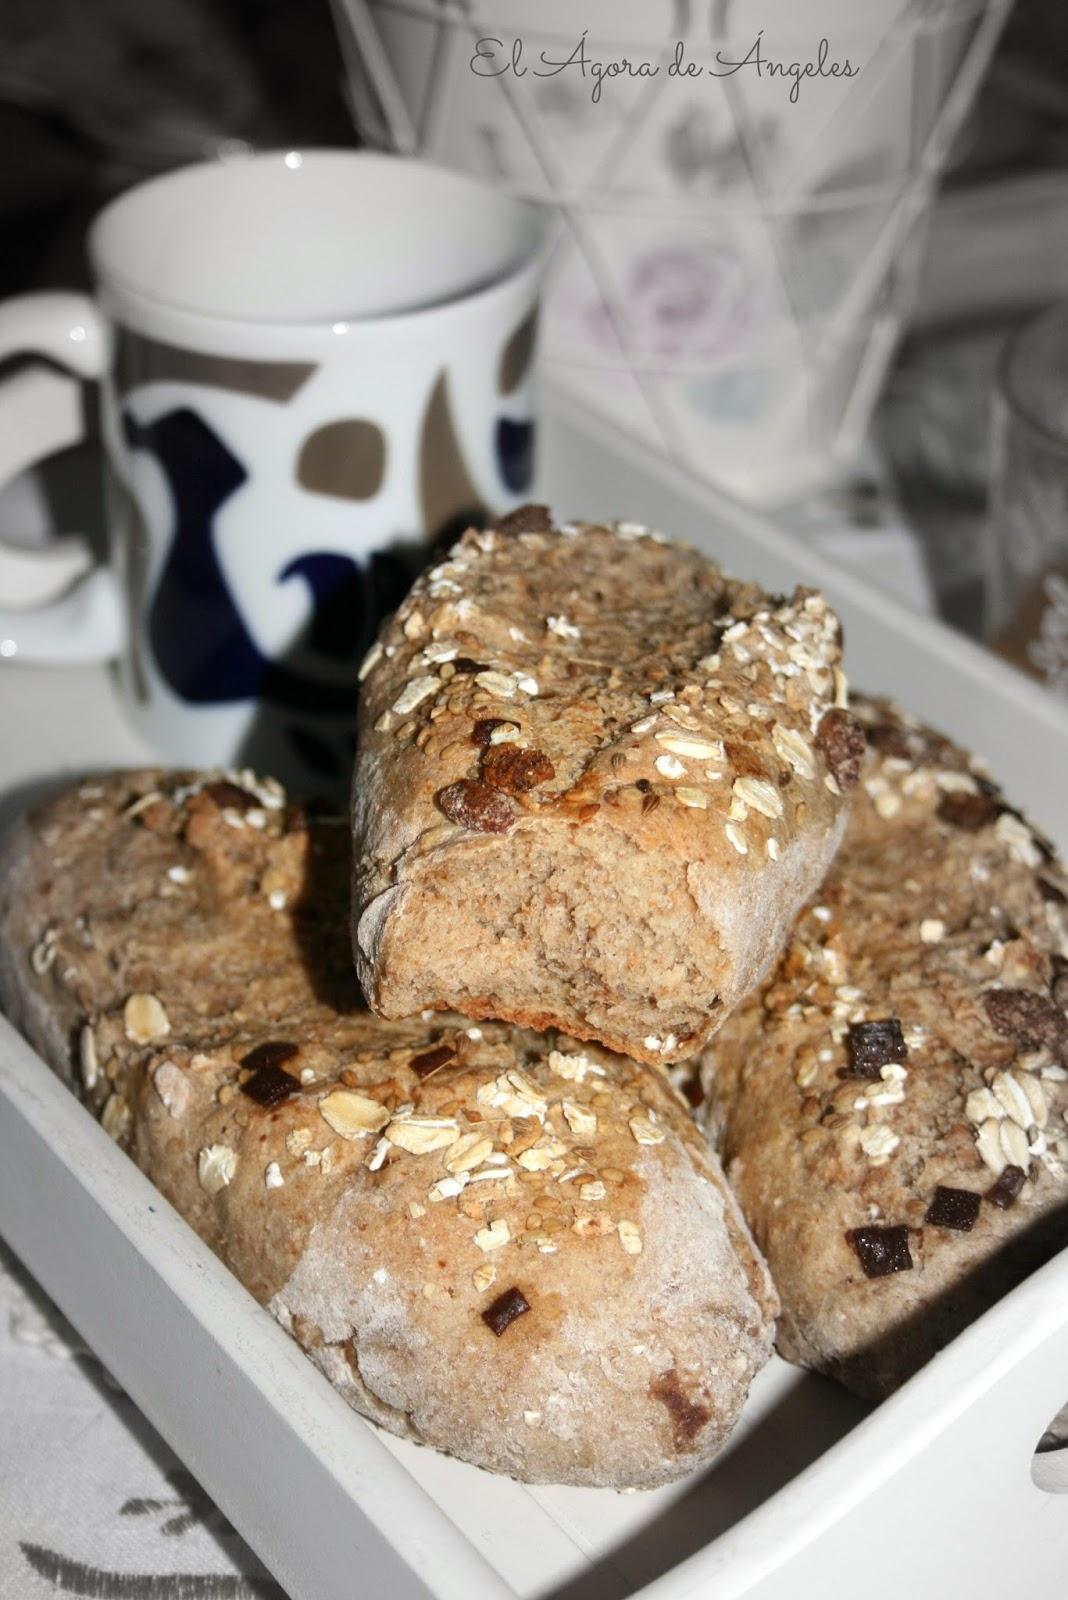 Pan de muesli, pan de semillas, pan integral. pan de desayuno